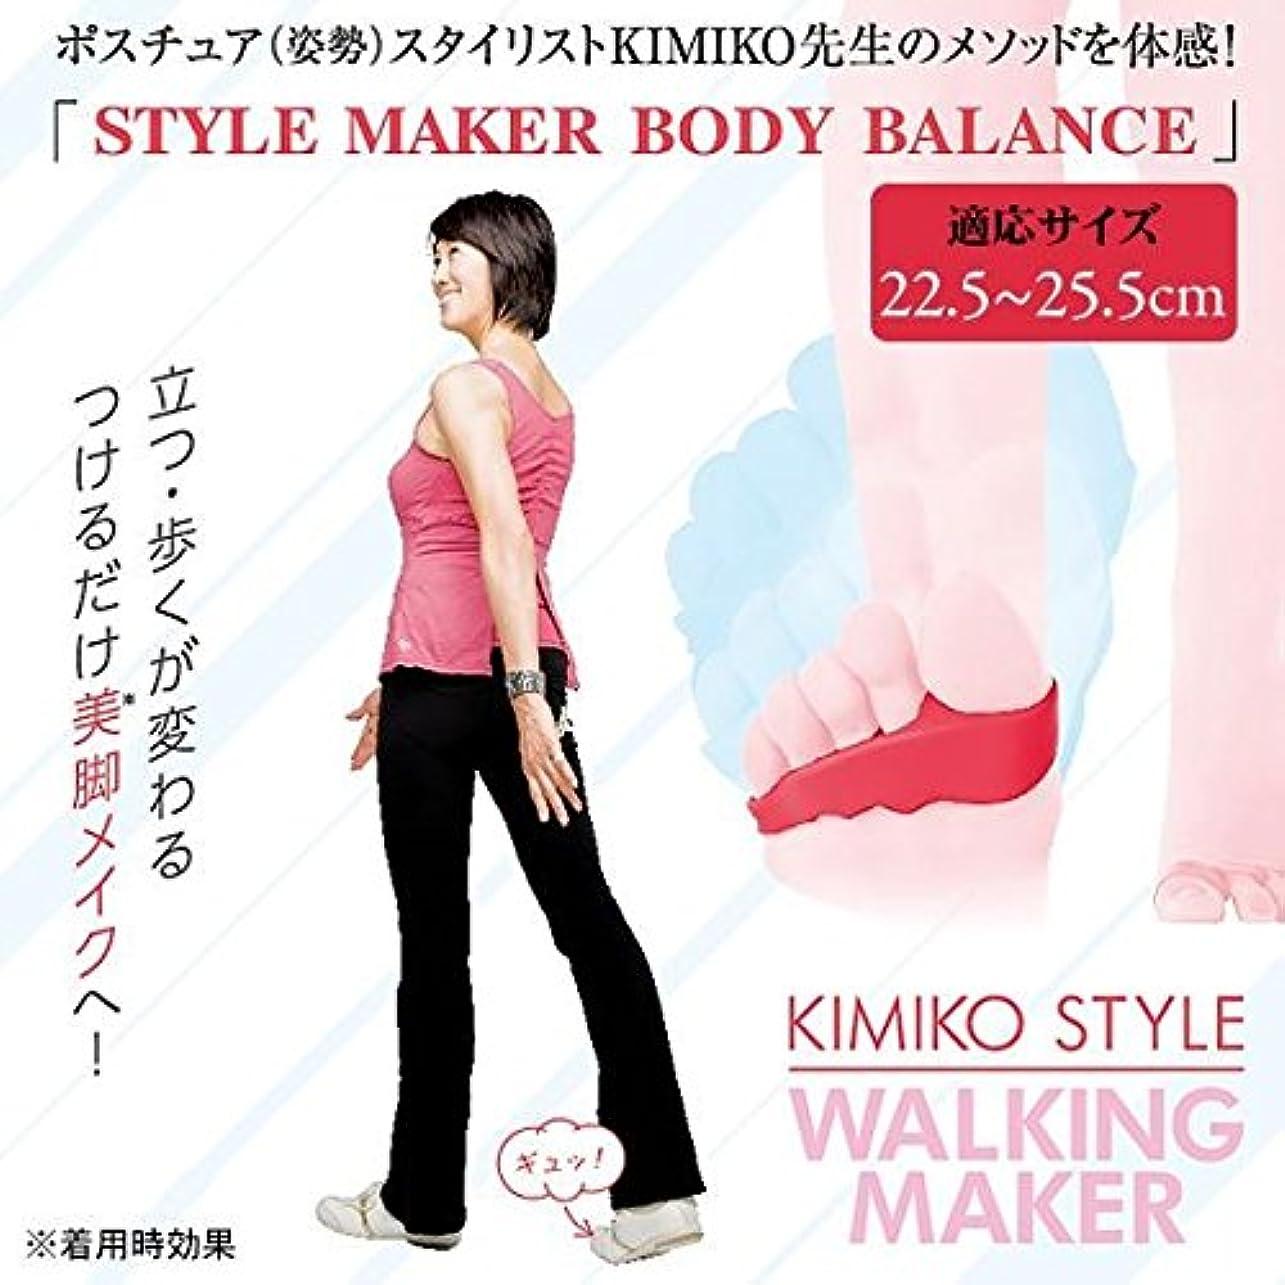 KIMIKO STYLE(キミコスタイル) WALKING MAKER(ウォーキングメーカー) 1足入